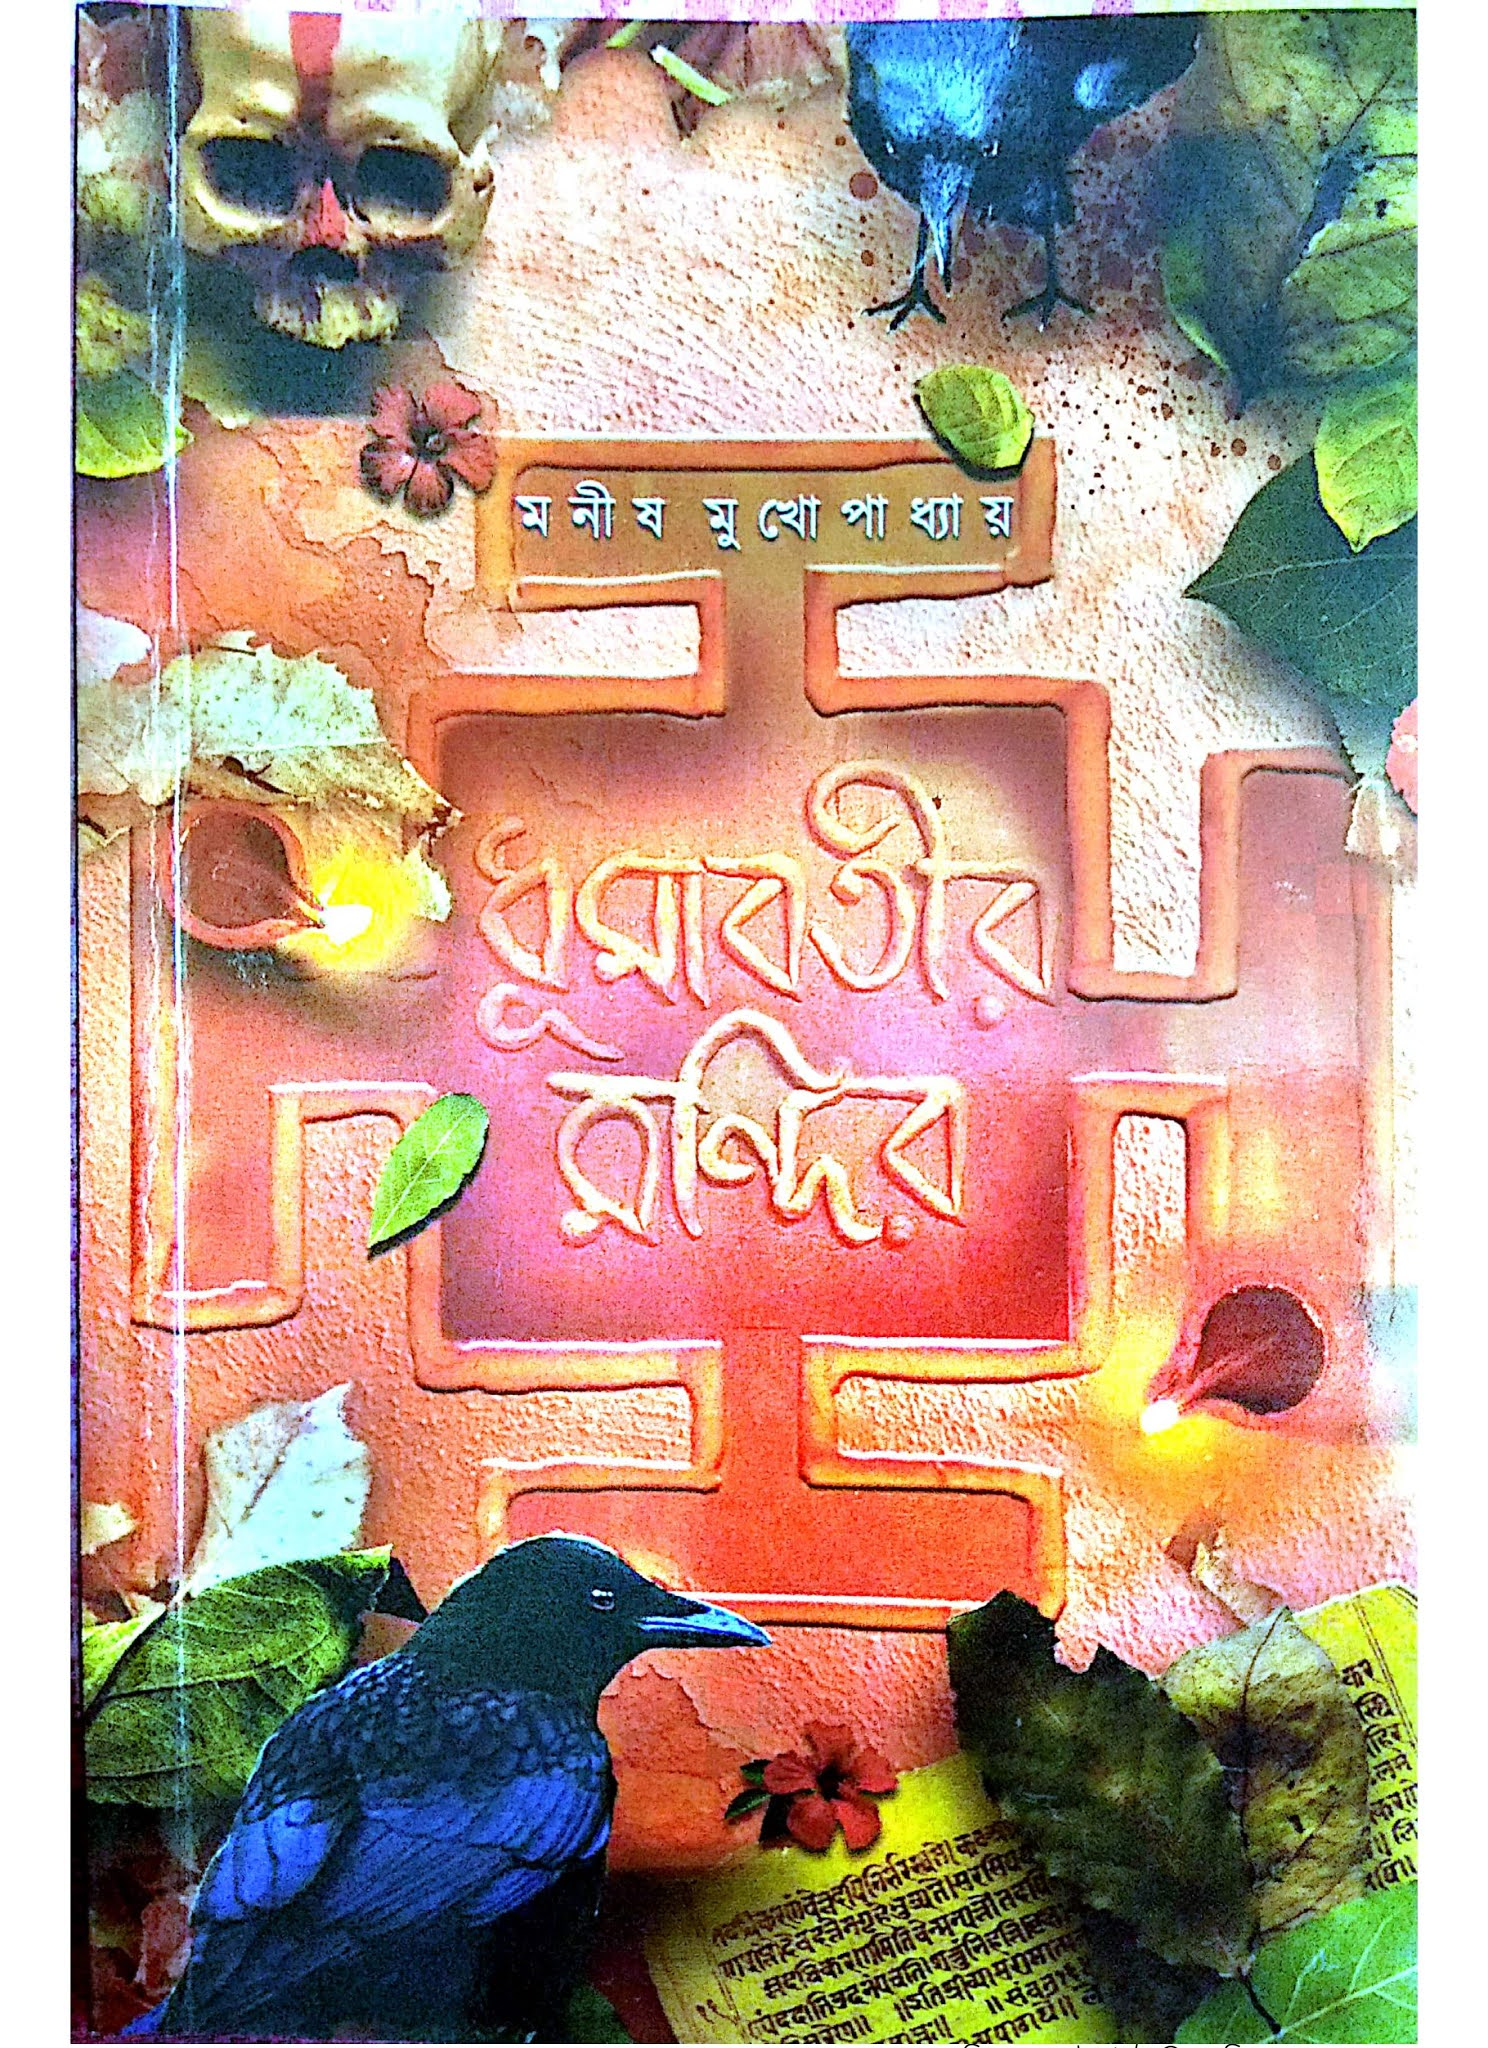 ধূমাবতীর মন্দির pdf | ধূমাবতীর মন্দির - Dhumavatir Mandir by Manish Mukhopadhyay PDF Download